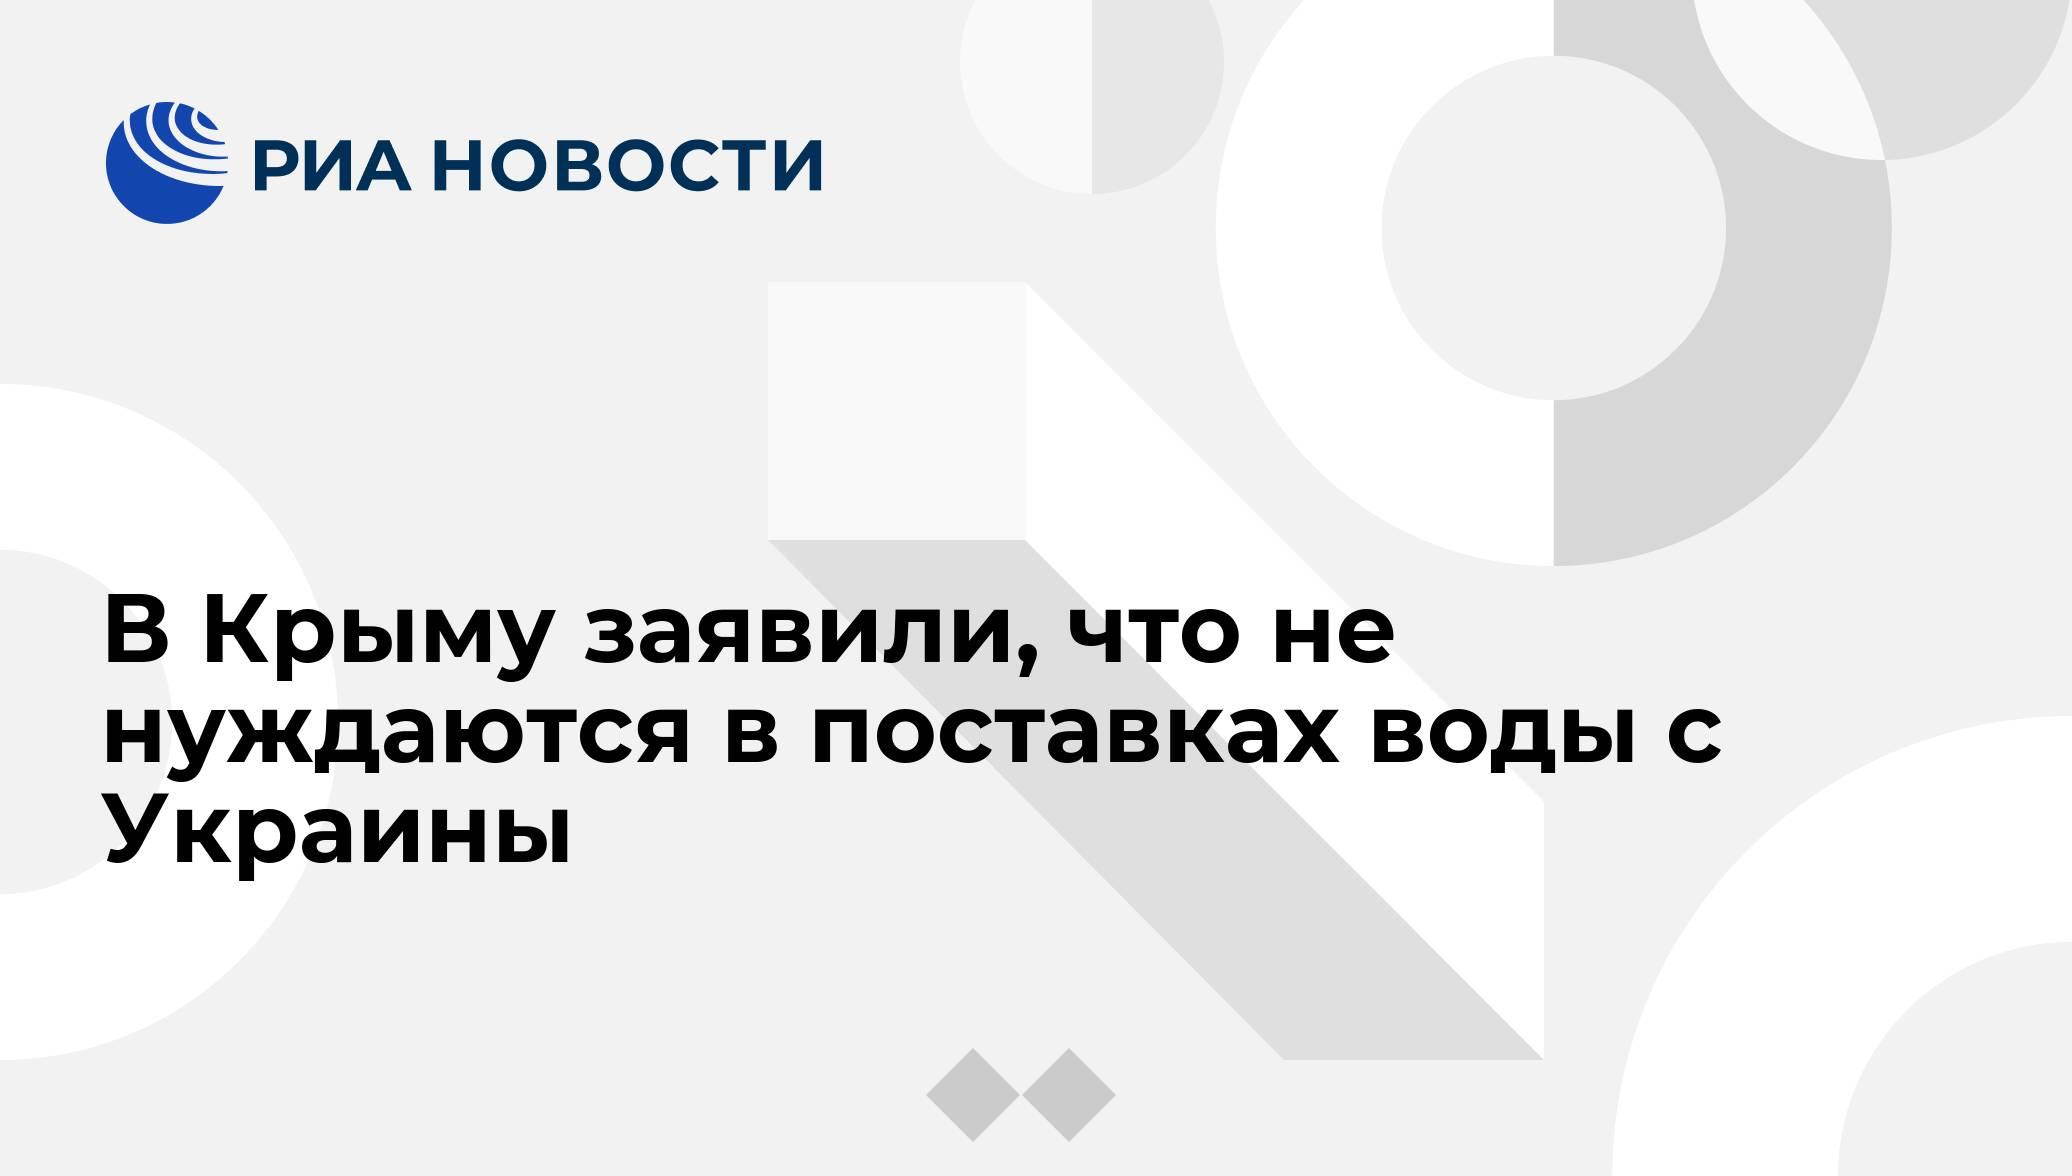 В Крыму заявили, что не нуждаются в поставках воды с Украины